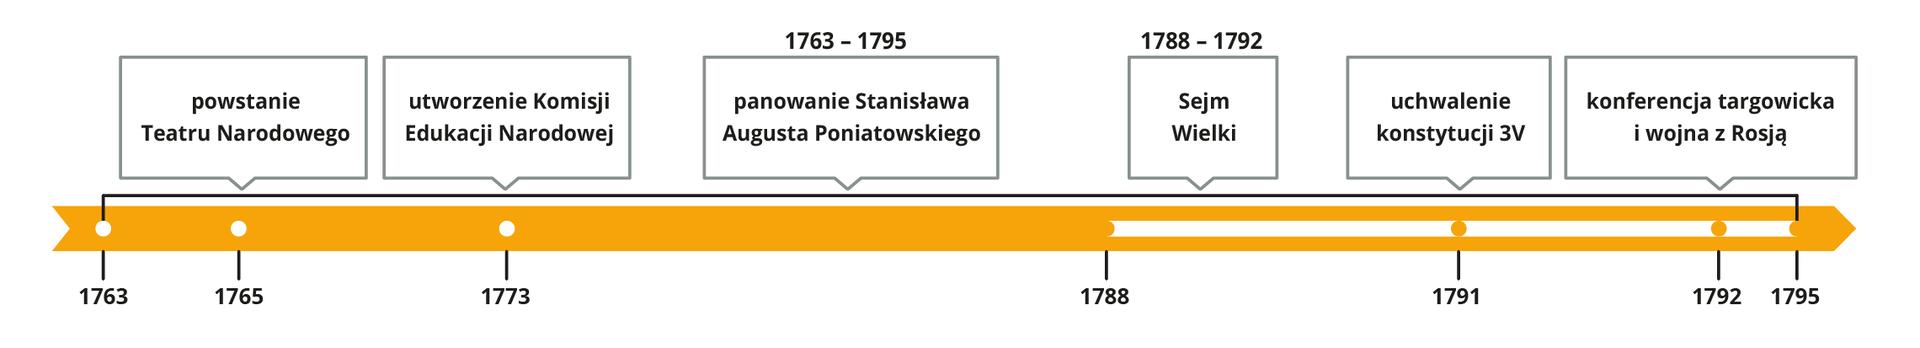 Reformy państwa wczasach Stanisława Augusta Poniatowskiego